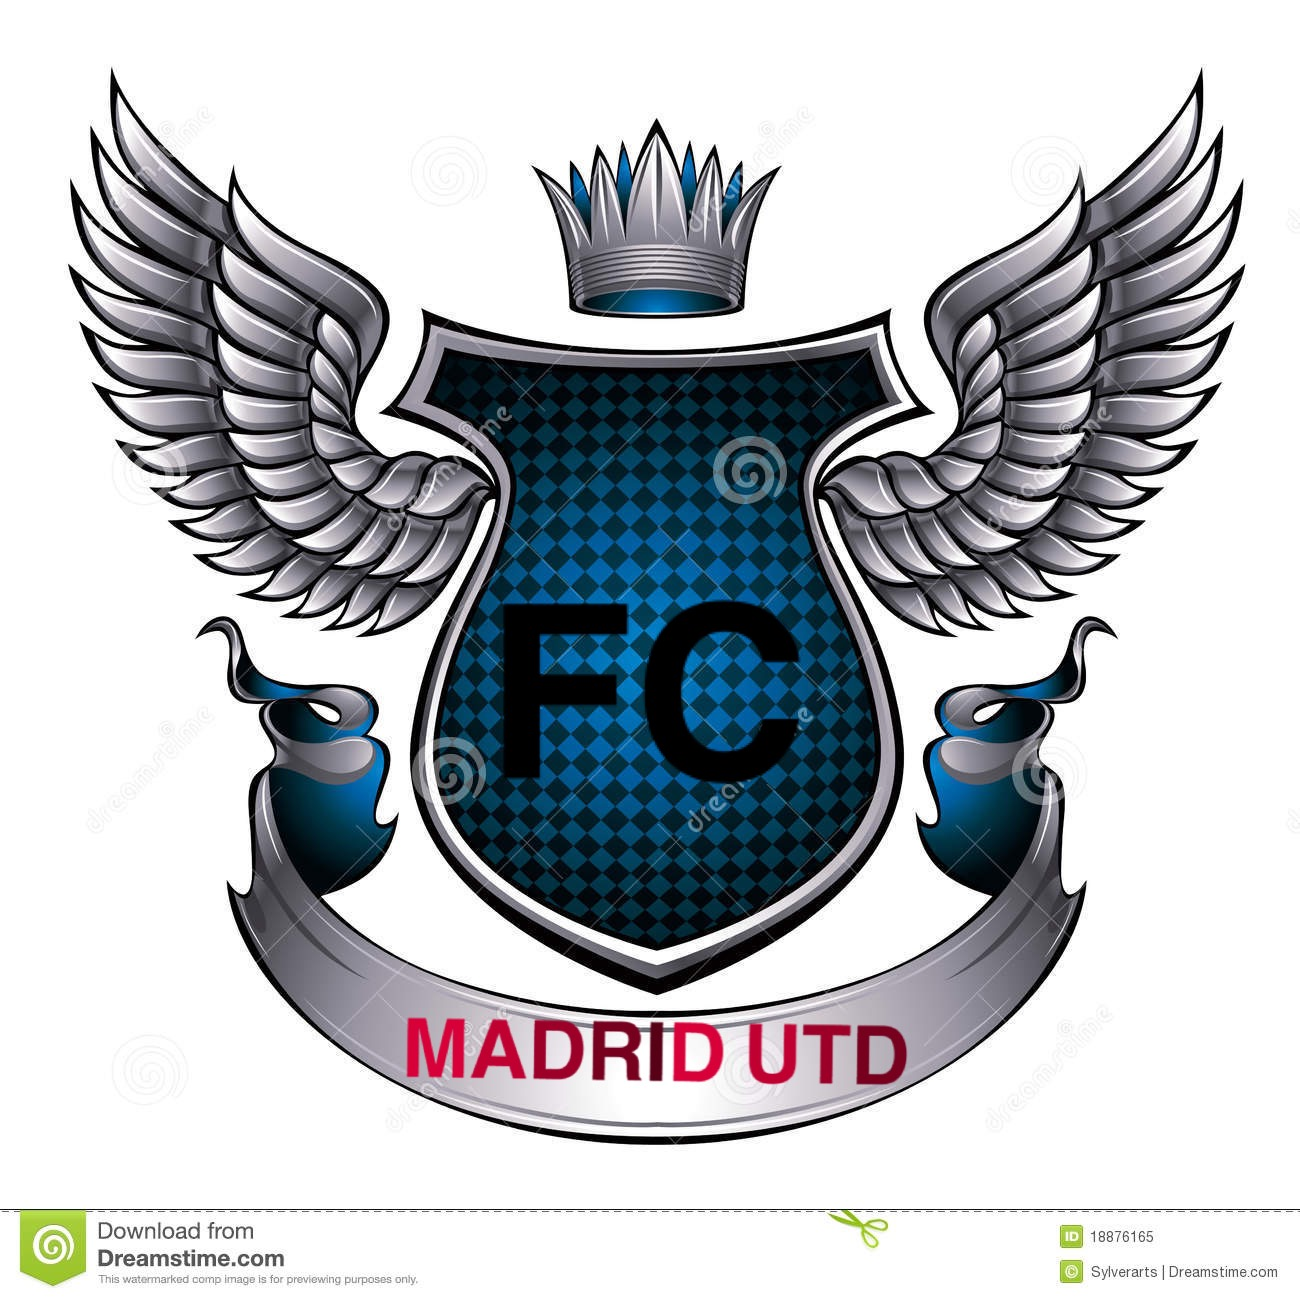 Madrid UTD